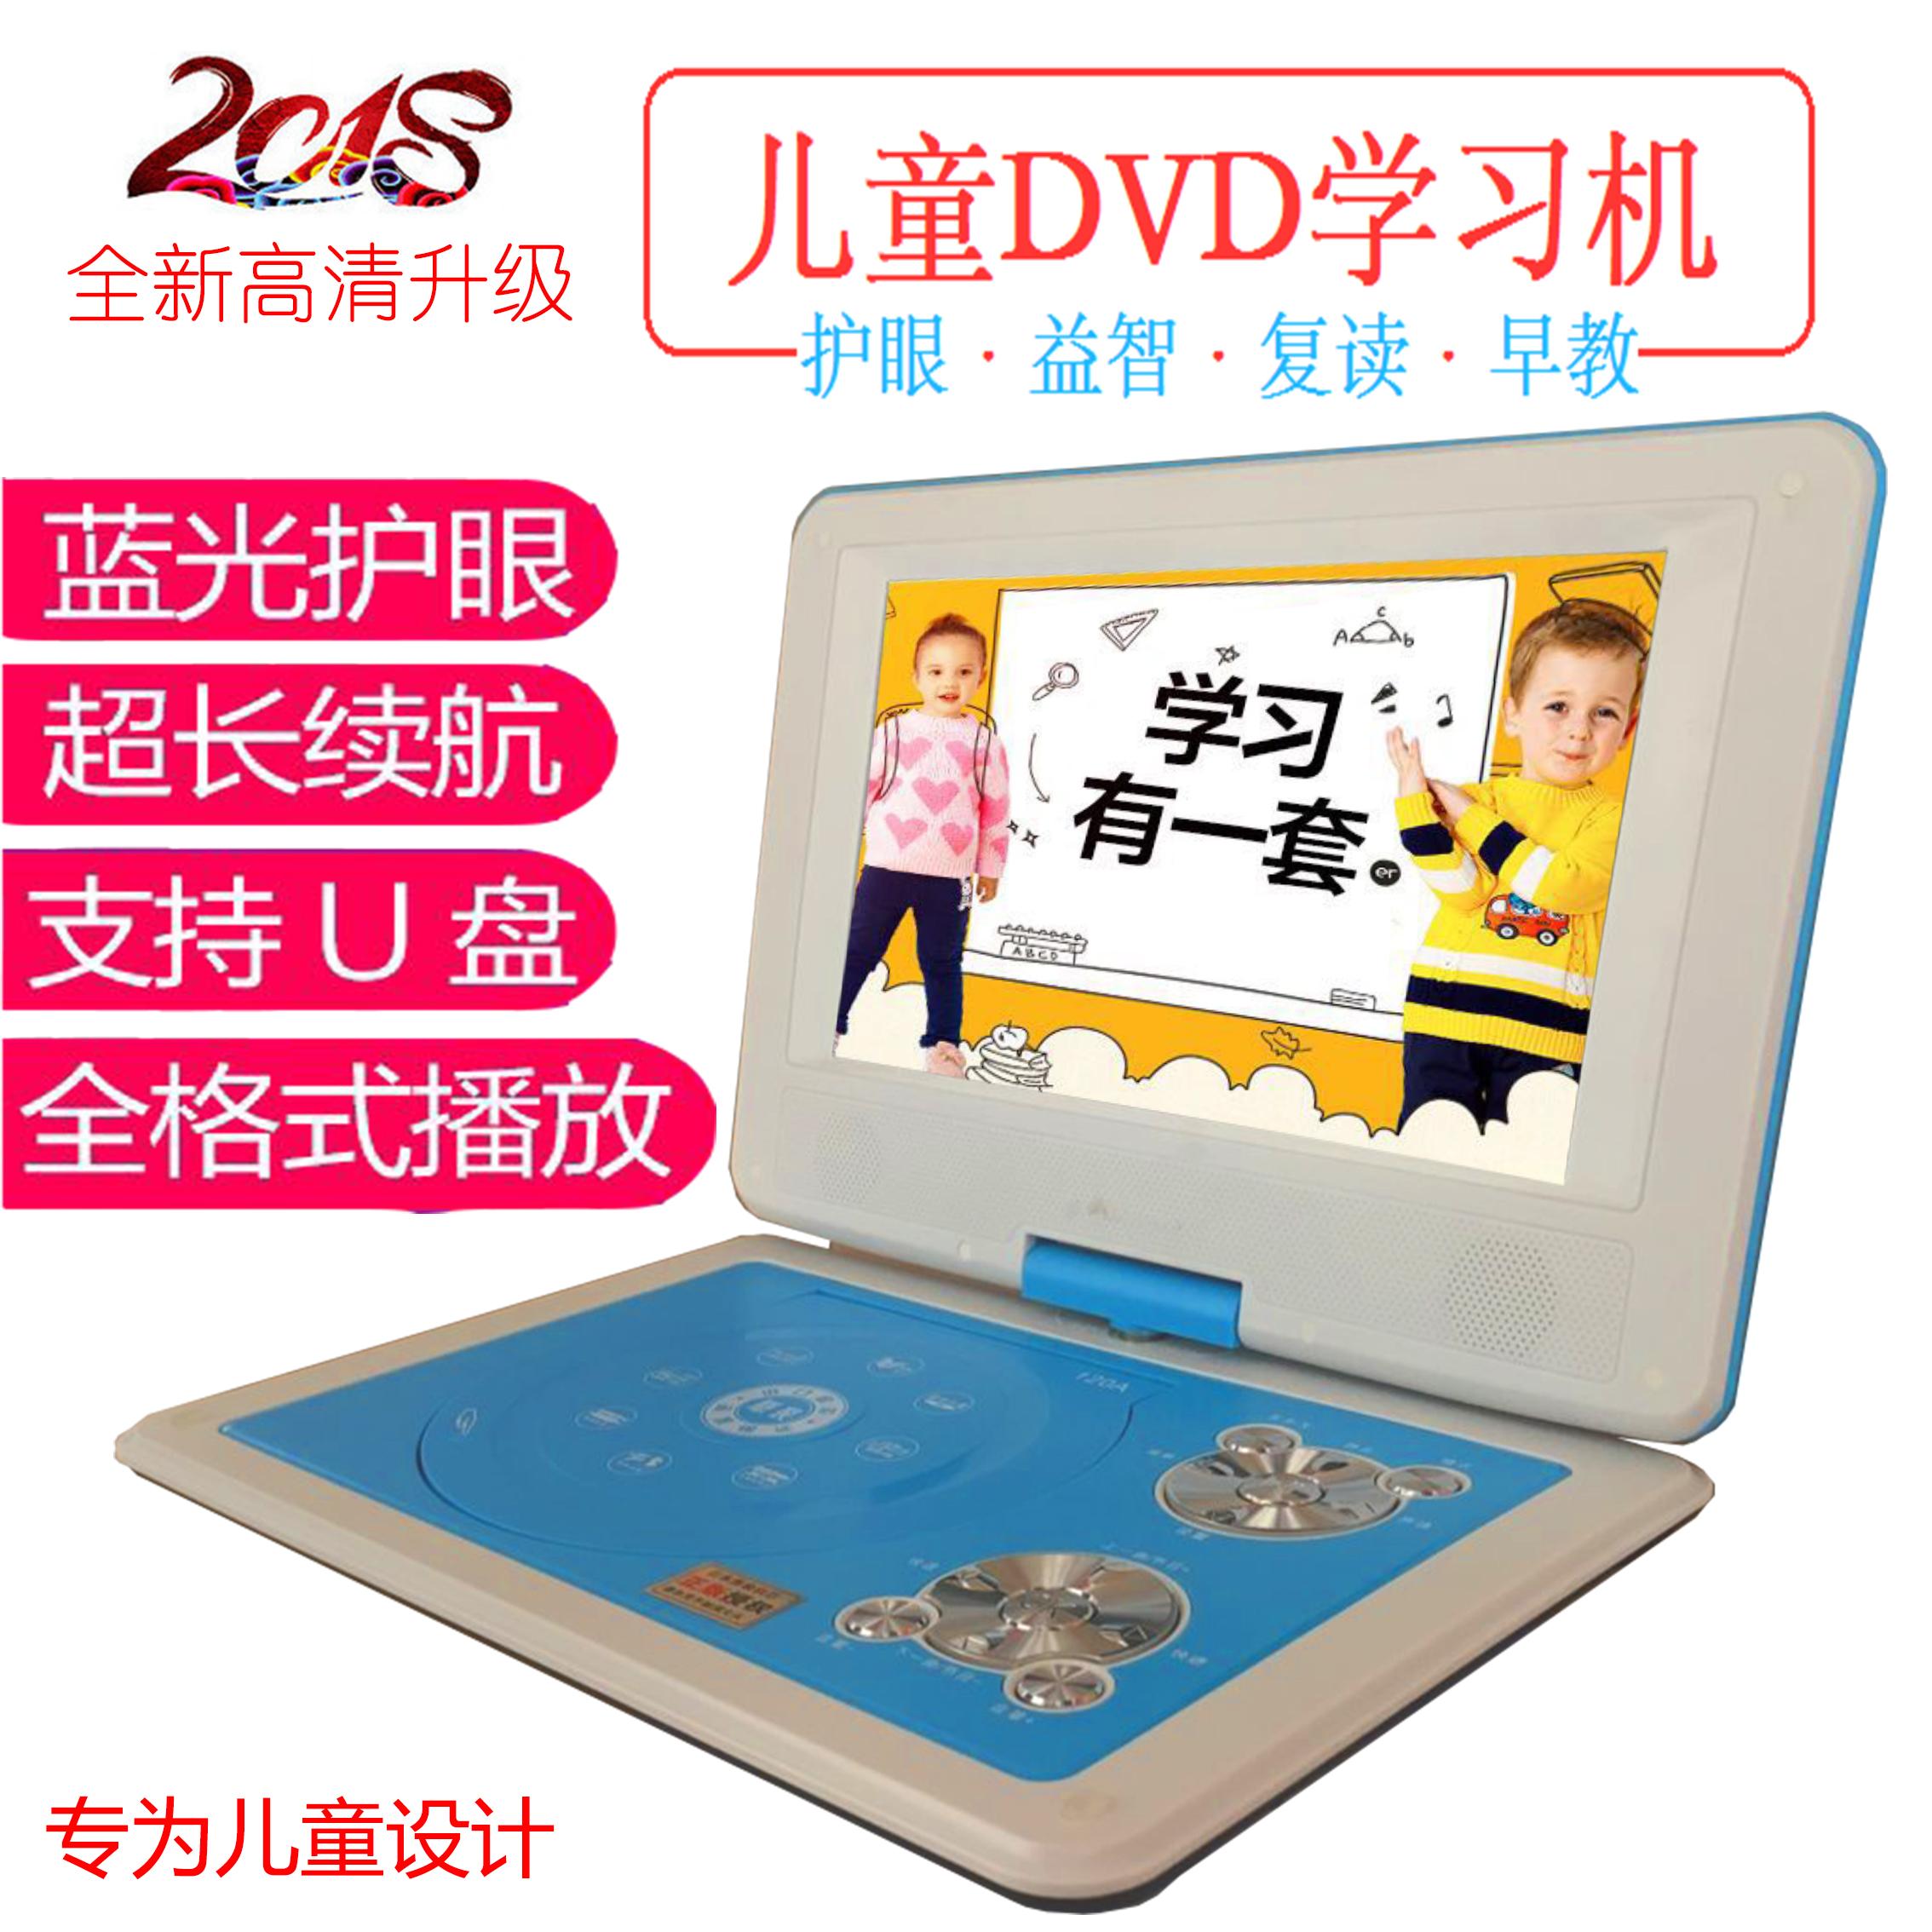 移��dvd�和�影碟�C��小��高清屏幕播放器便�y式evd�W�放碟片�C